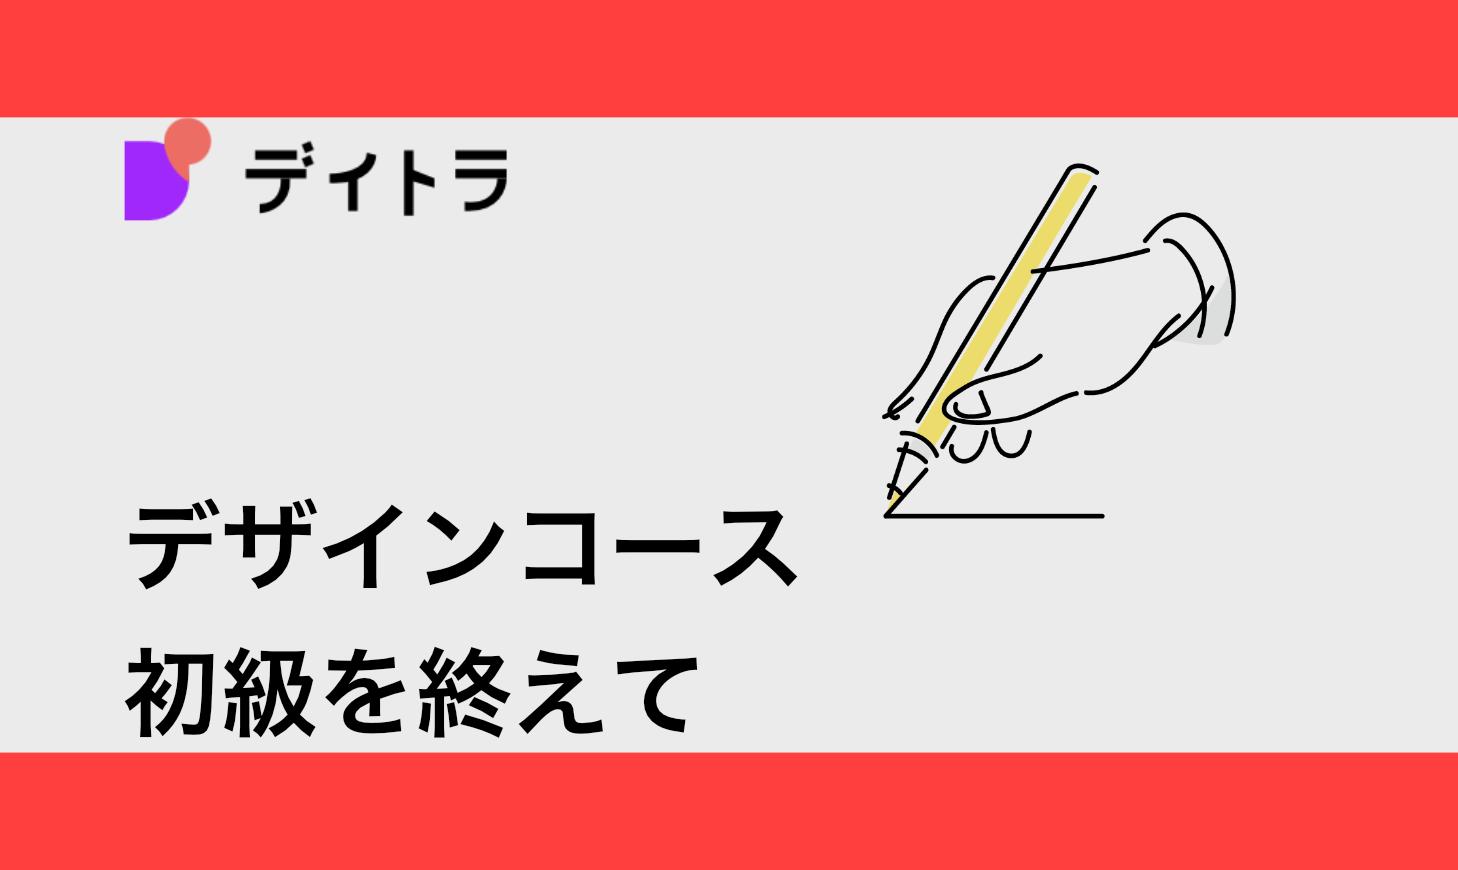 【デイトラ】デザイン初級編を終えた感想